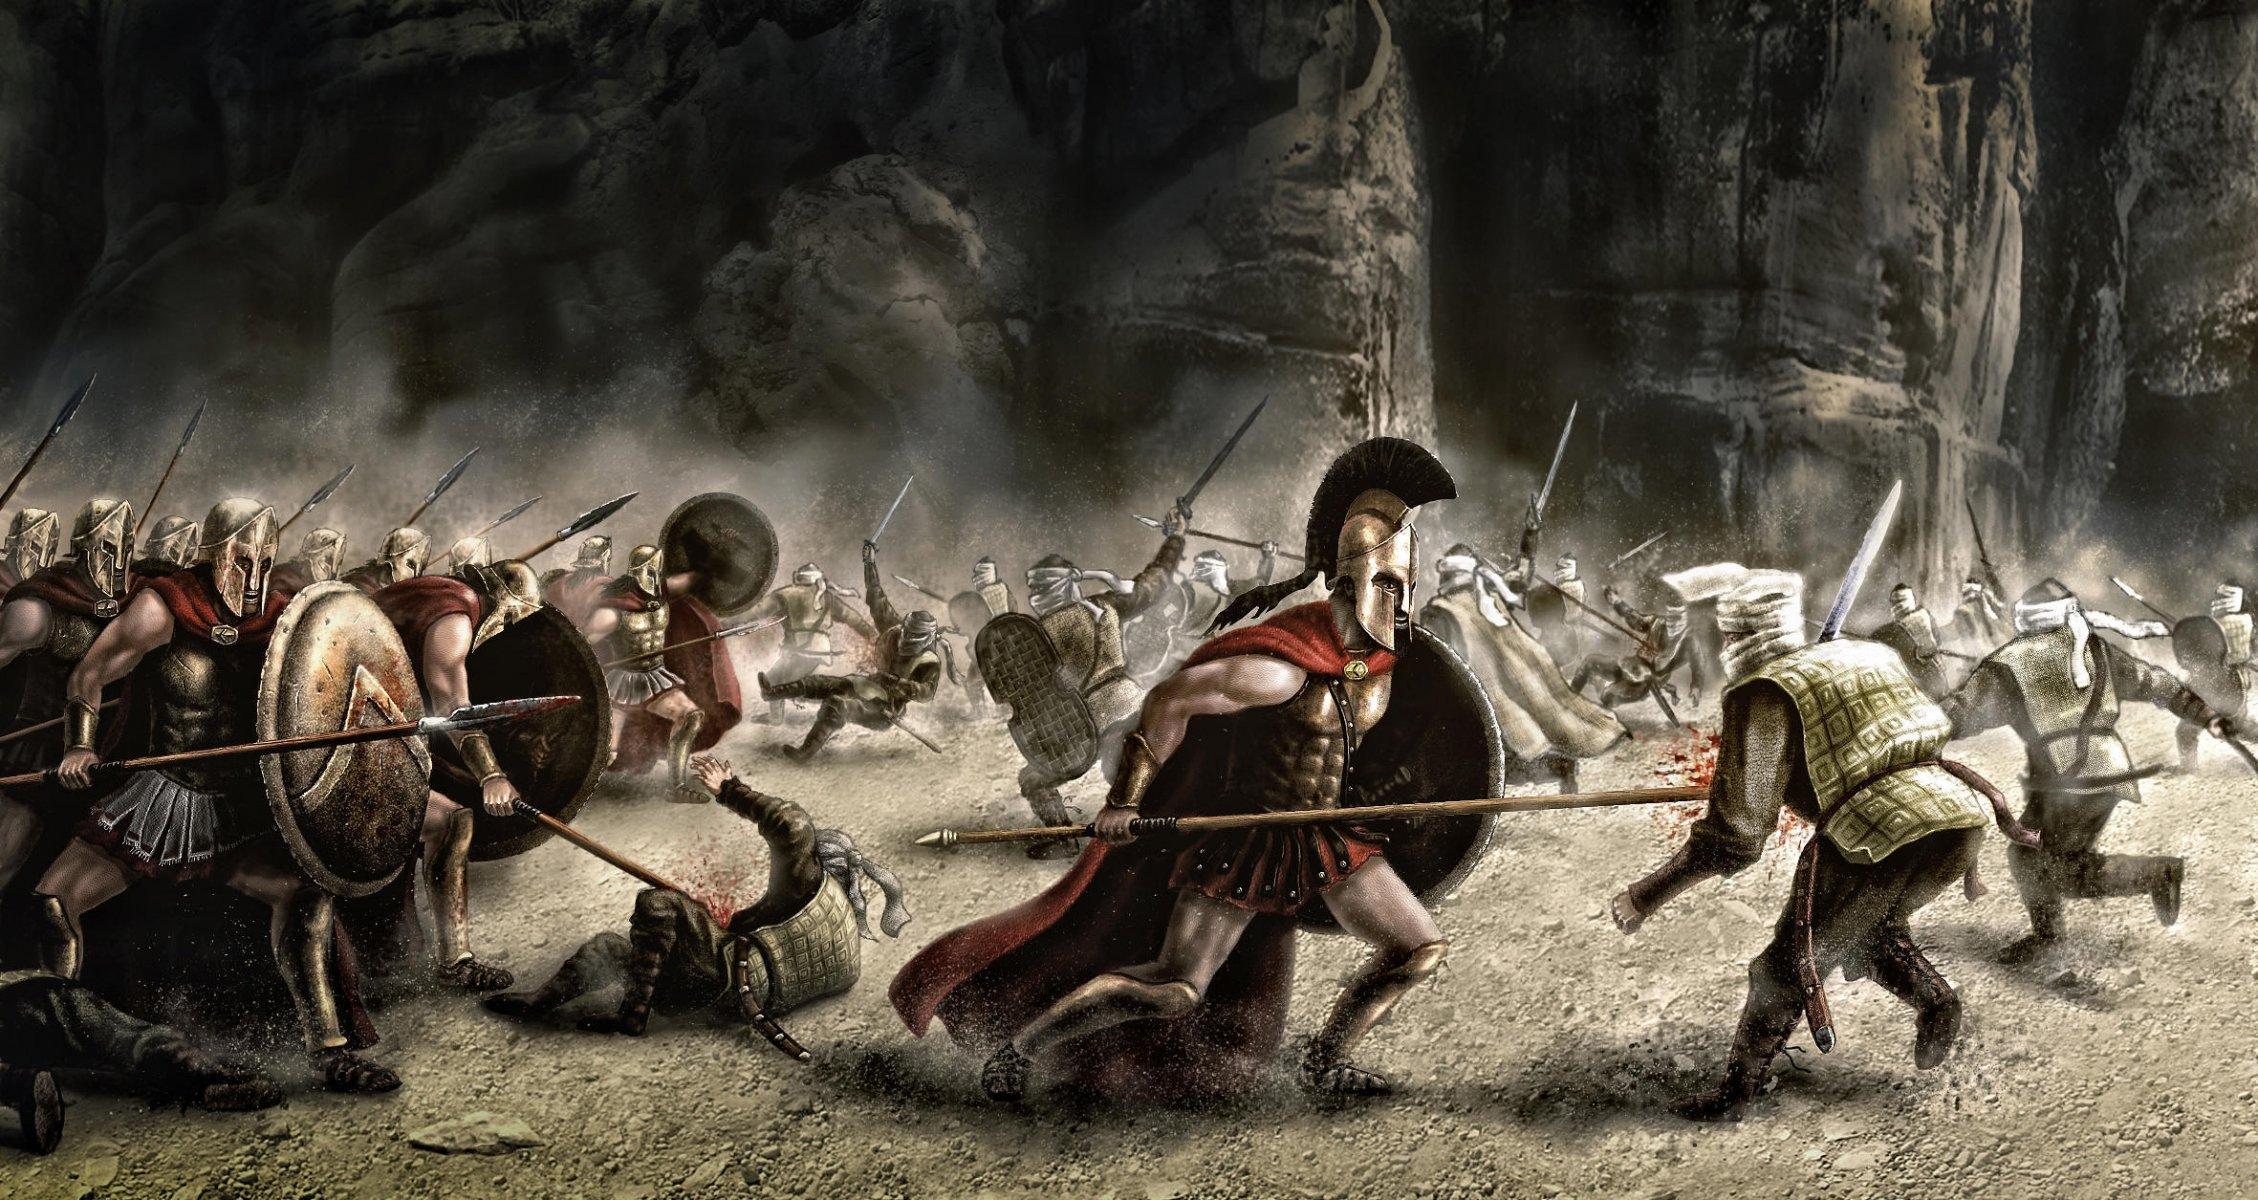 скачать торрент 300 спартанцев - фото 9